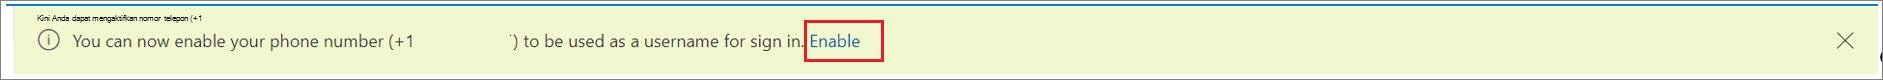 Cuplikan layar yang memperlihatkan banner untuk mengaktifkan akses masuk ke SMS untuk nomor telepon dengan tindakan 'Aktifkan' yang dipilih.